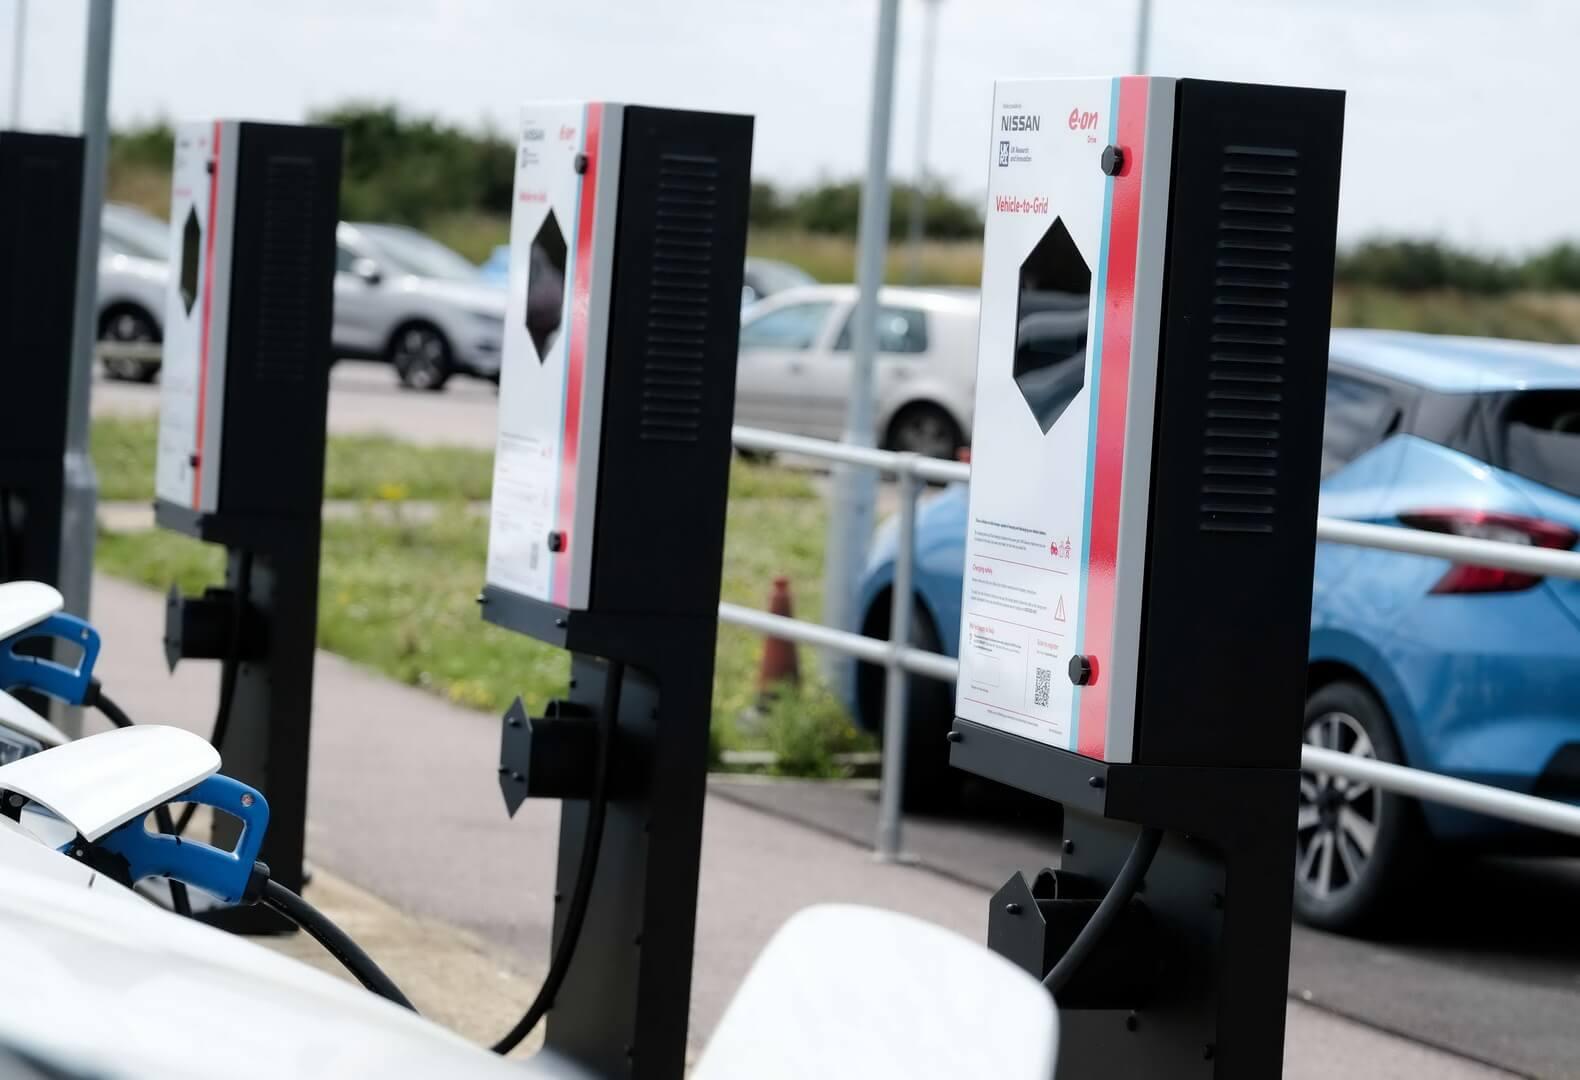 E.ON и Nissan установили 20 зарядных устройств для подключения к электросети (V2G) в Великобритании